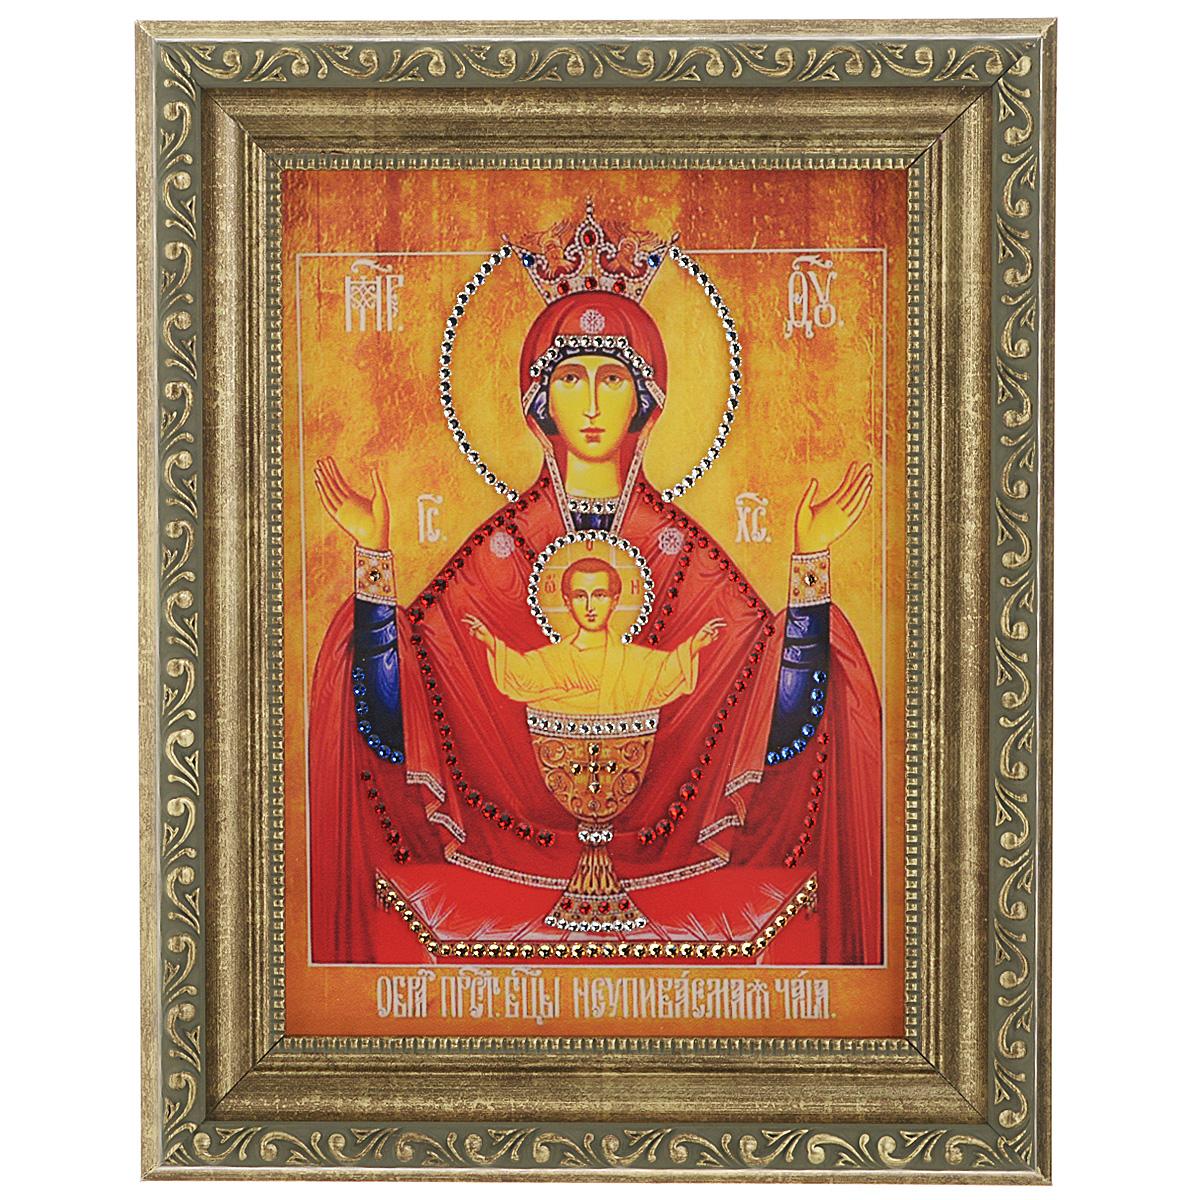 Картина с кристаллами Swarovski Икона Божией Матери. Неупиваемая Чаша, 20 см х 25 см1367Изящная картина в багетной раме, инкрустирована кристаллами Swarovski, которые отличаются четкой и ровной огранкой, ярким блеском и чистотой цвета. Красочное изображение, расположенное под стеклом, прекрасно дополняет блеск кристаллов. С обратной стороны имеется металлическая проволока для размещения картины на стене. Картина с кристаллами Swarovski Икона Божией Матери. Неупиваемая Чаша элегантно украсит интерьер дома или офиса, а также станет прекрасным подарком, который обязательно понравится получателю. Блеск кристаллов в интерьере, что может быть сказочнее и удивительнее. Картина упакована в подарочную картонную коробку синего цвета и комплектуется сертификатом соответствия Swarovski. Икона имеет благословение и освещение Храма Преподобного Сергея Радонежского.